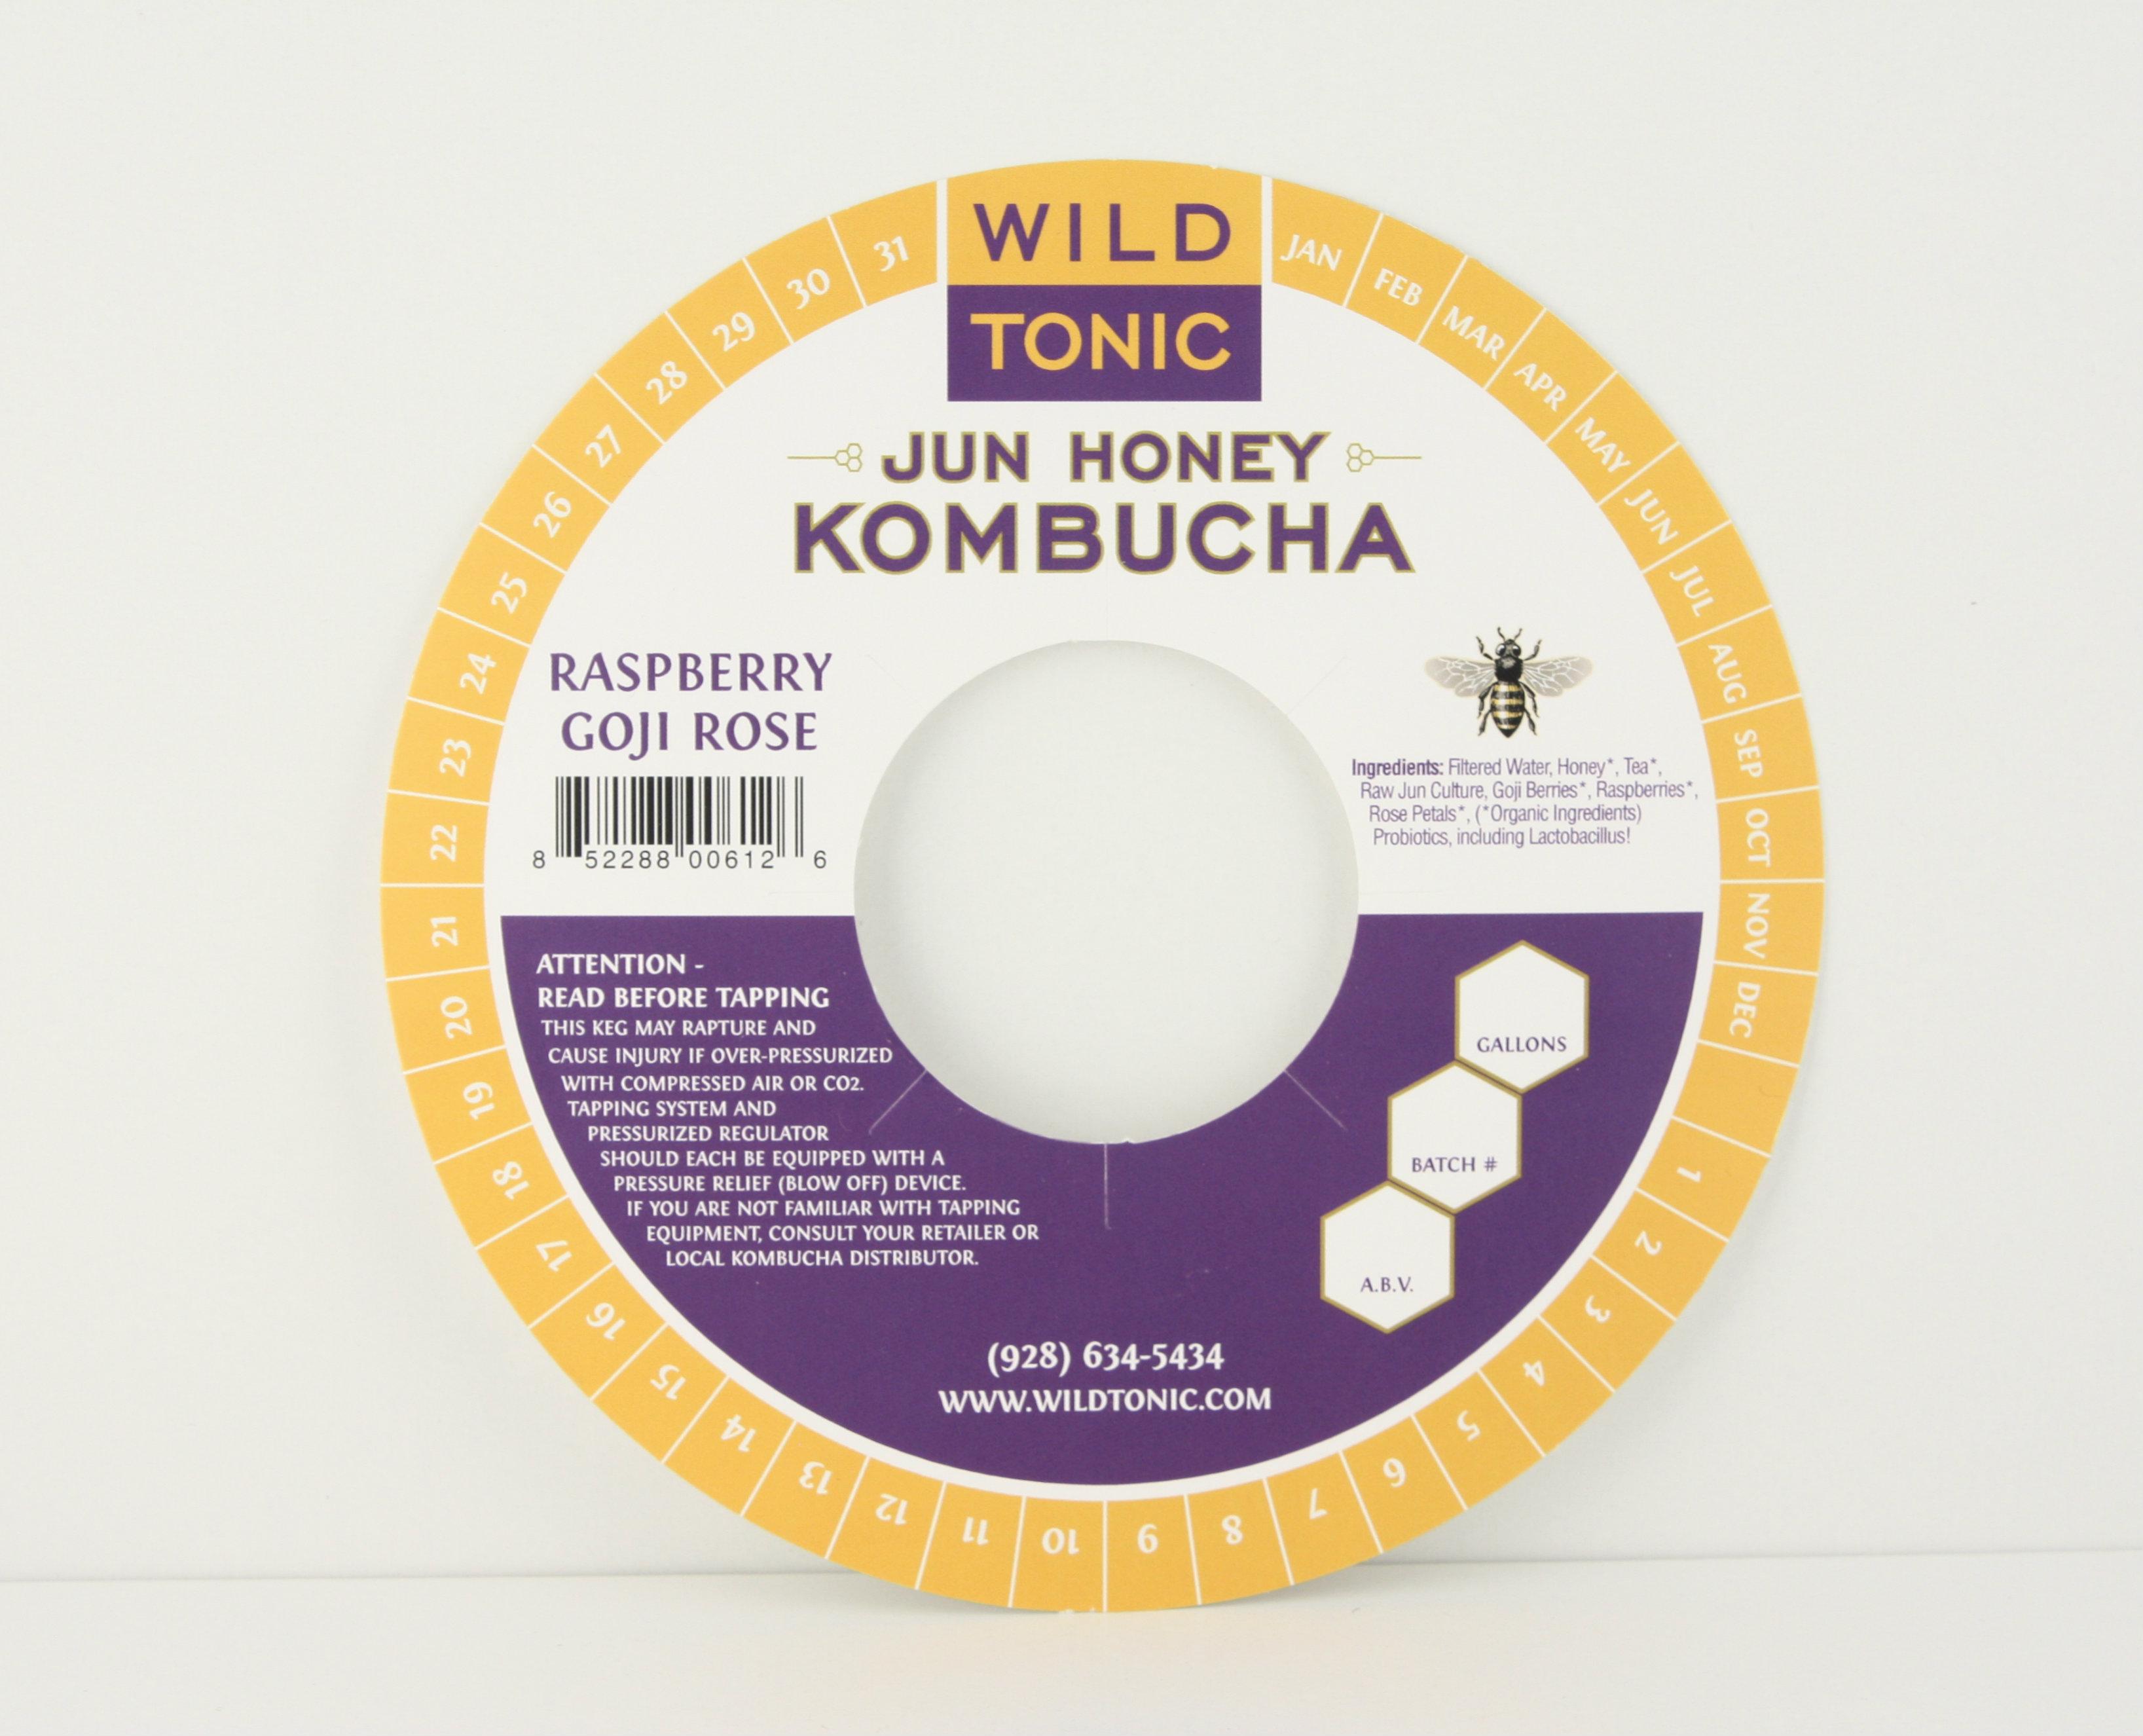 Keg Collar for Wild Tonic Kombucha from KegCollars.net